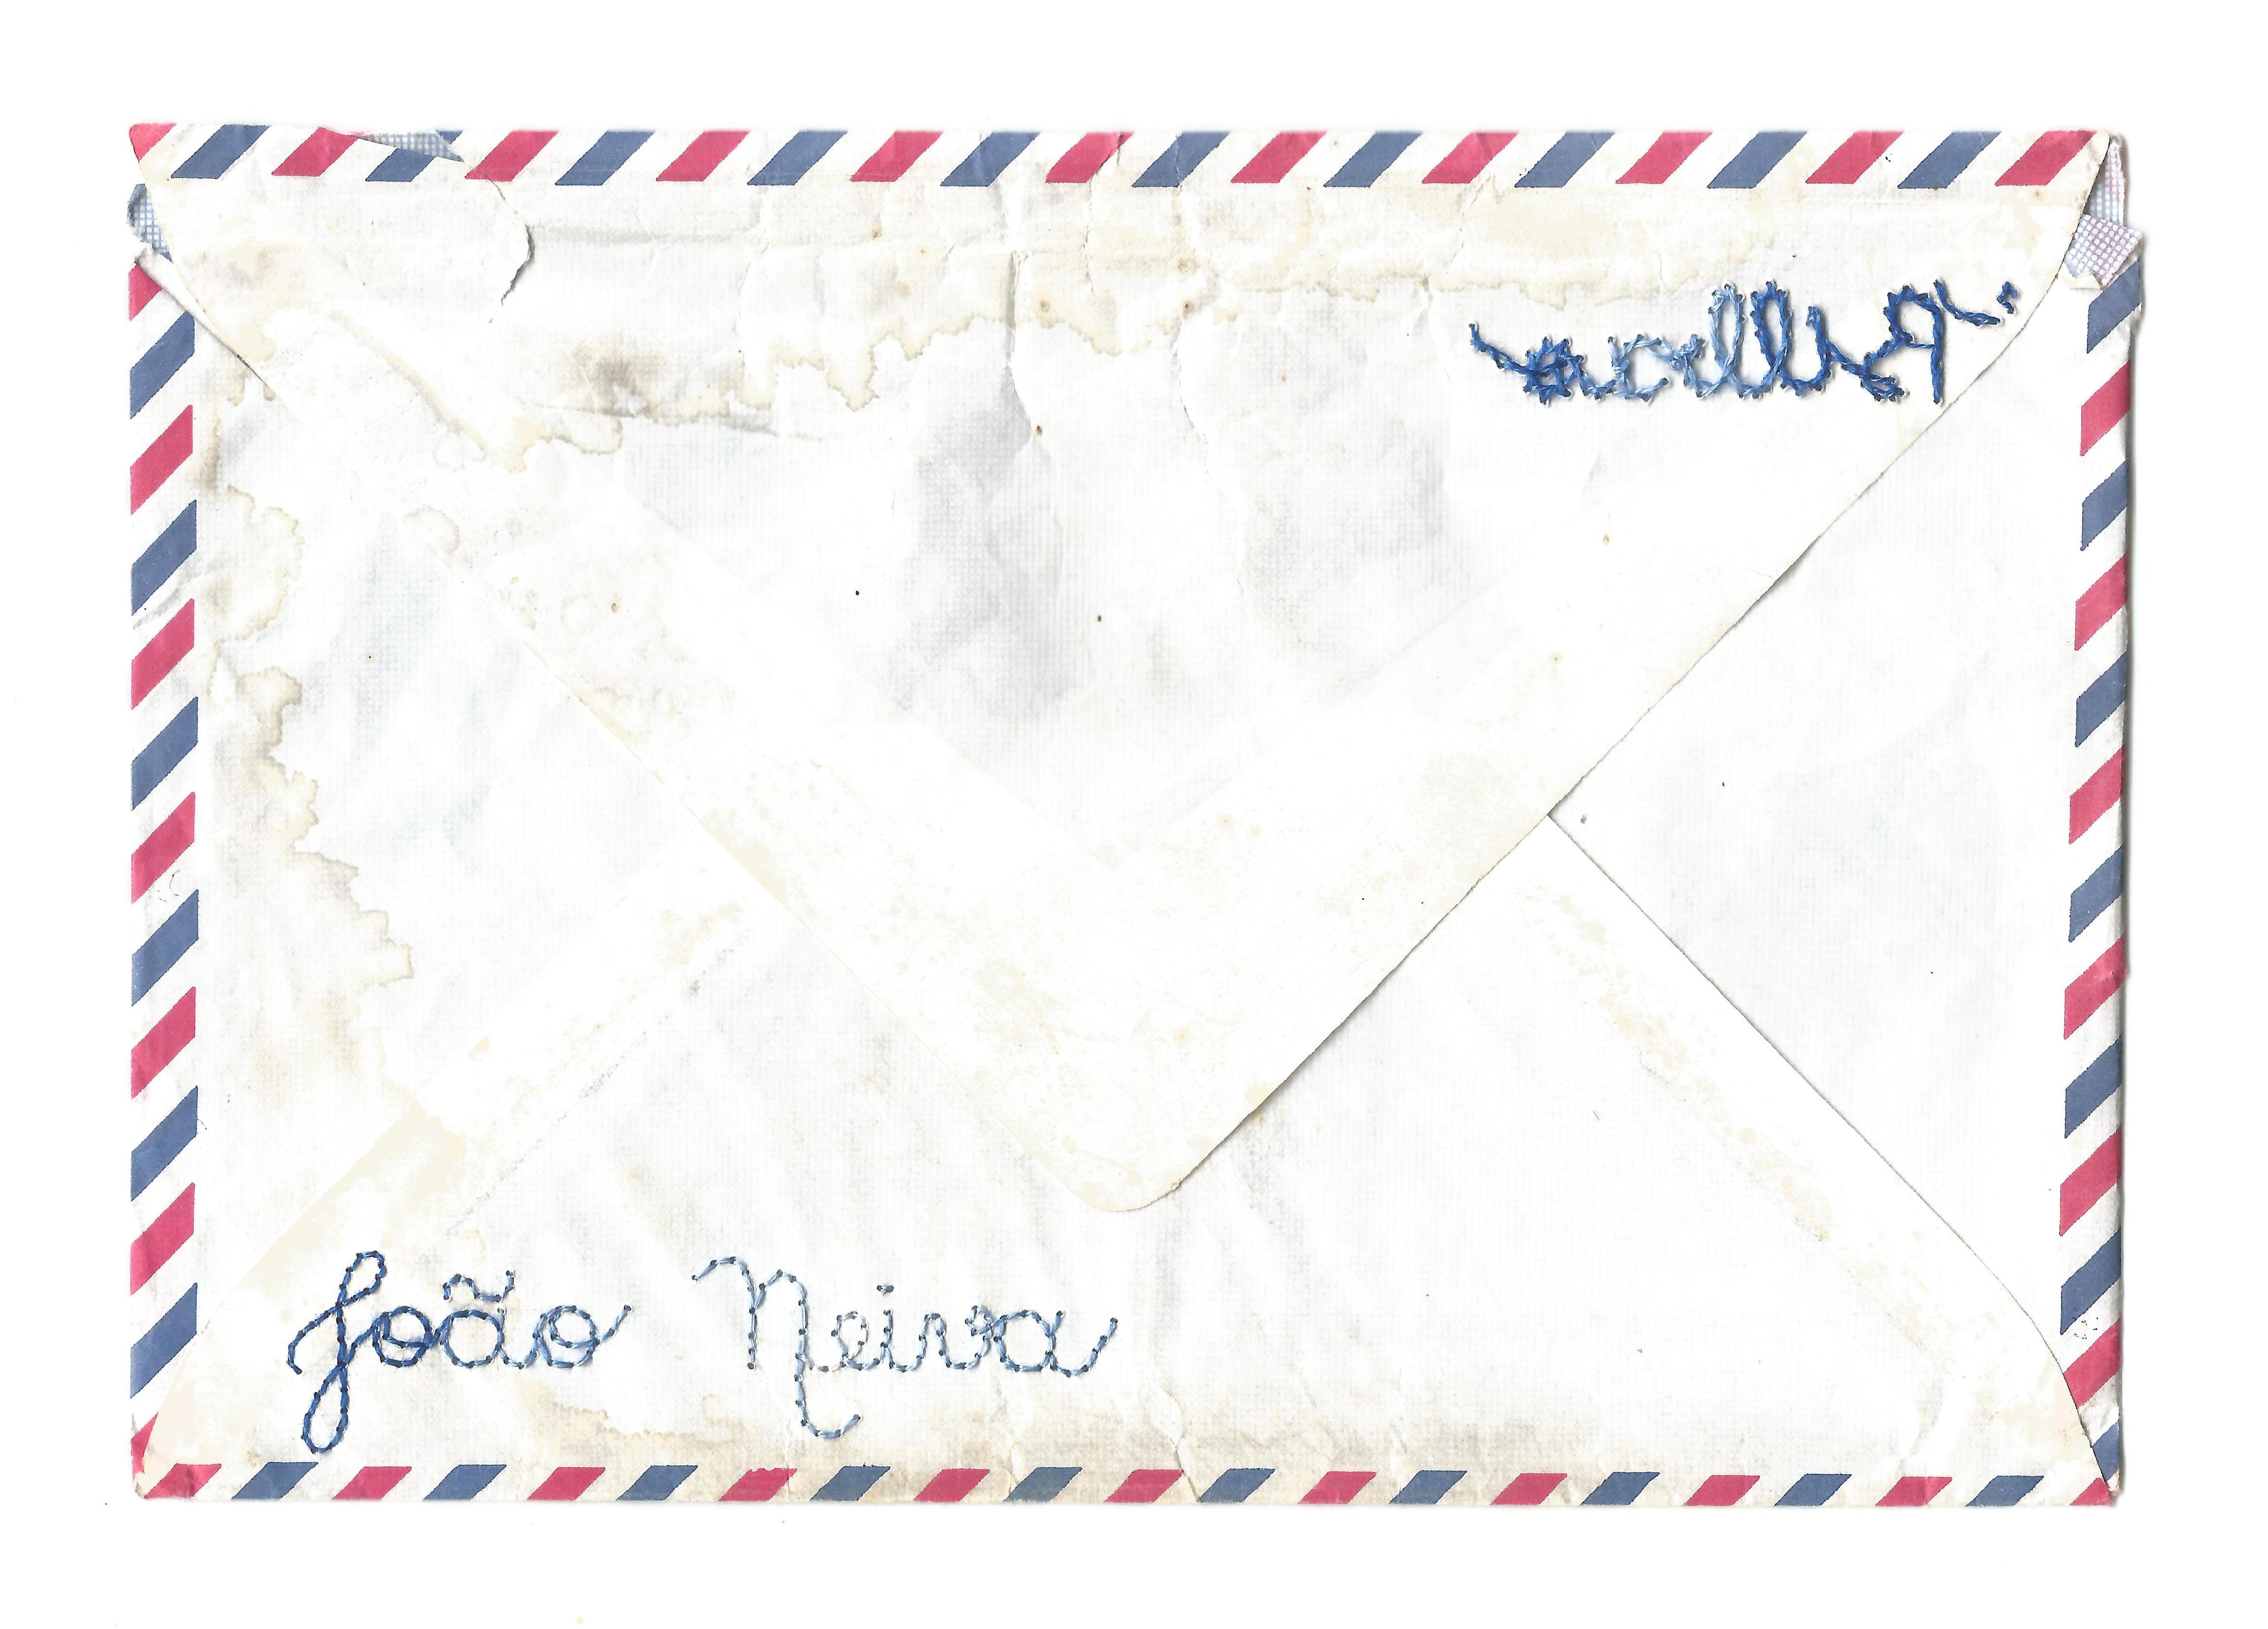 Bilbao x João Neiva, 2020